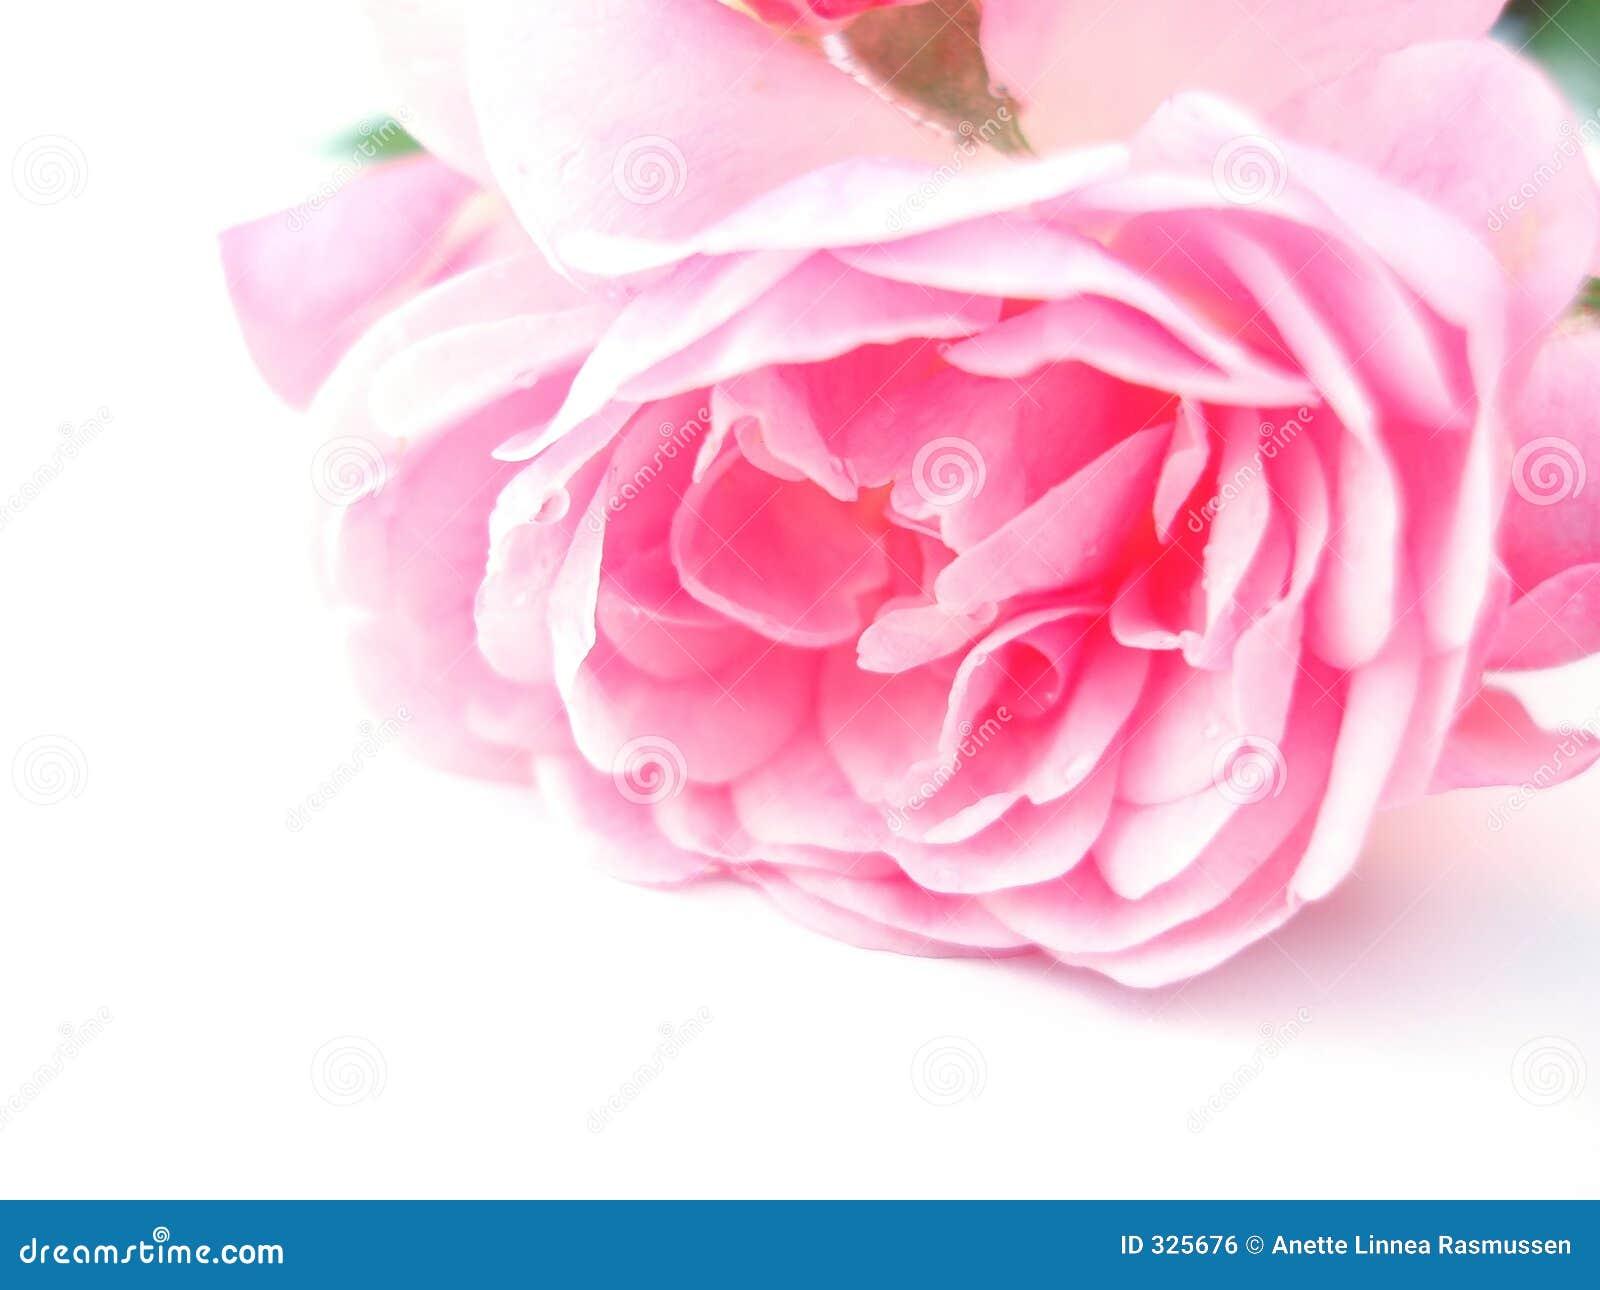 Le rose simple a monté